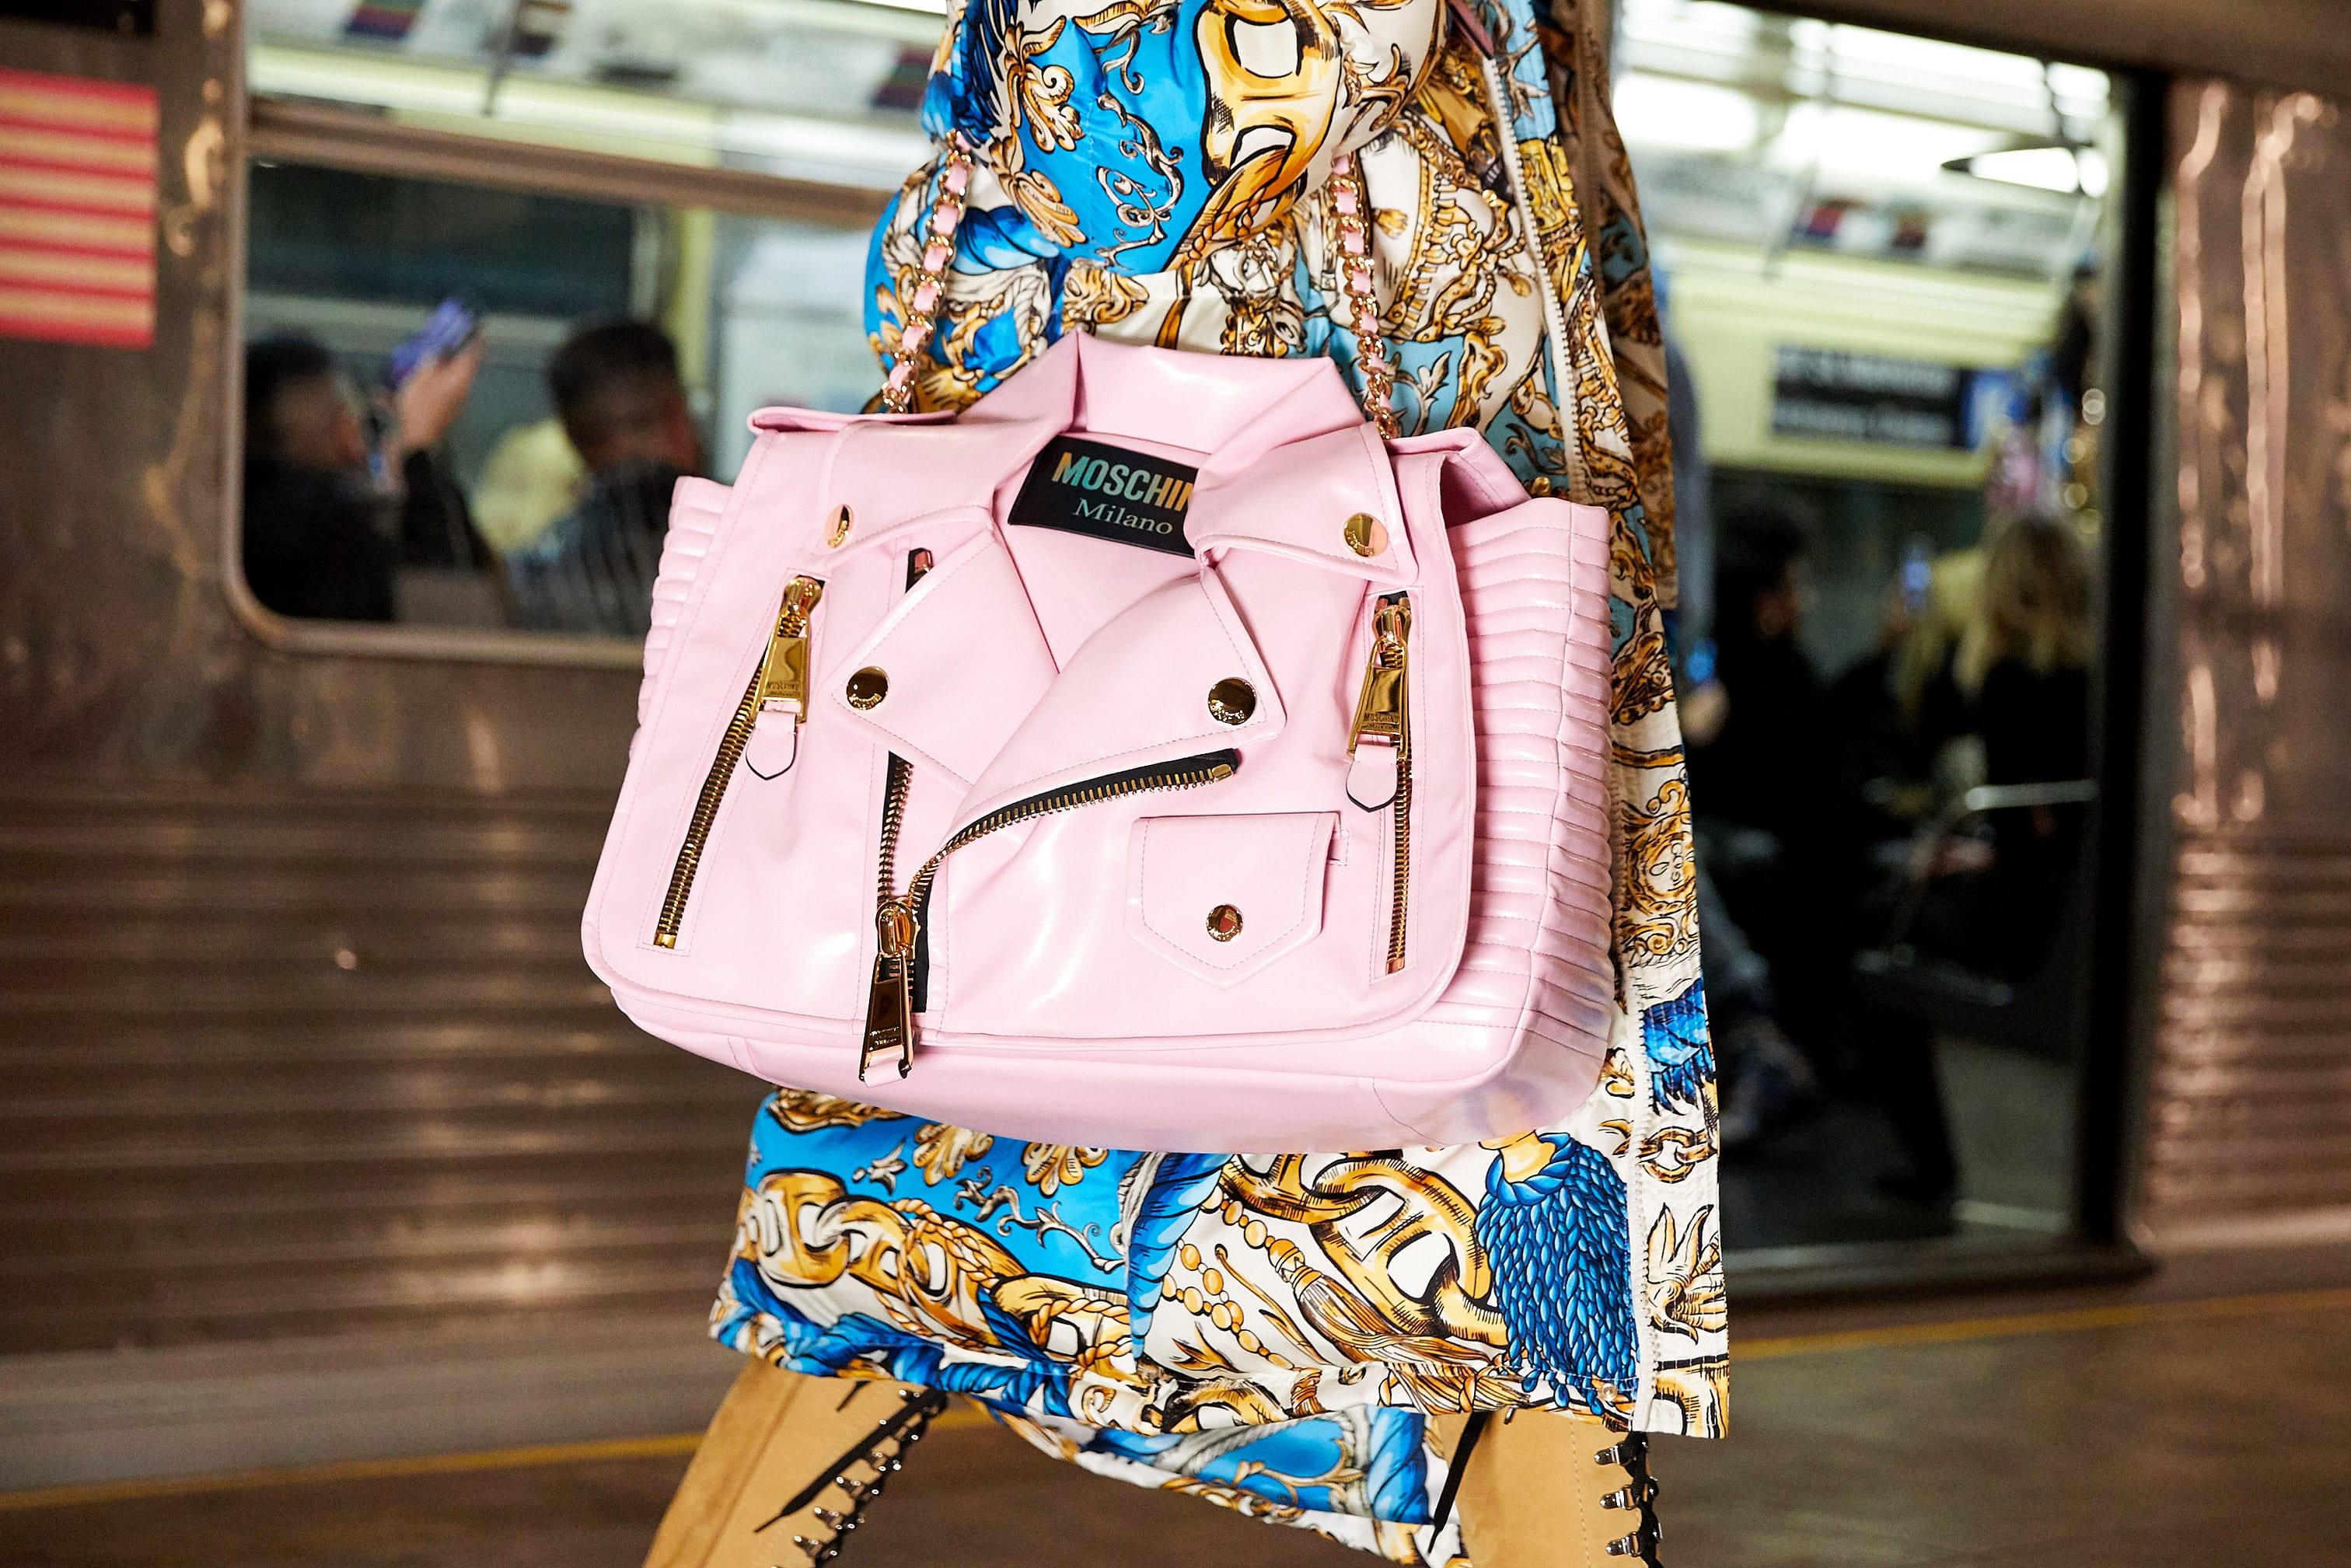 حقيبة بشكل جاكيت جلد في عرض أزياء موسكينو